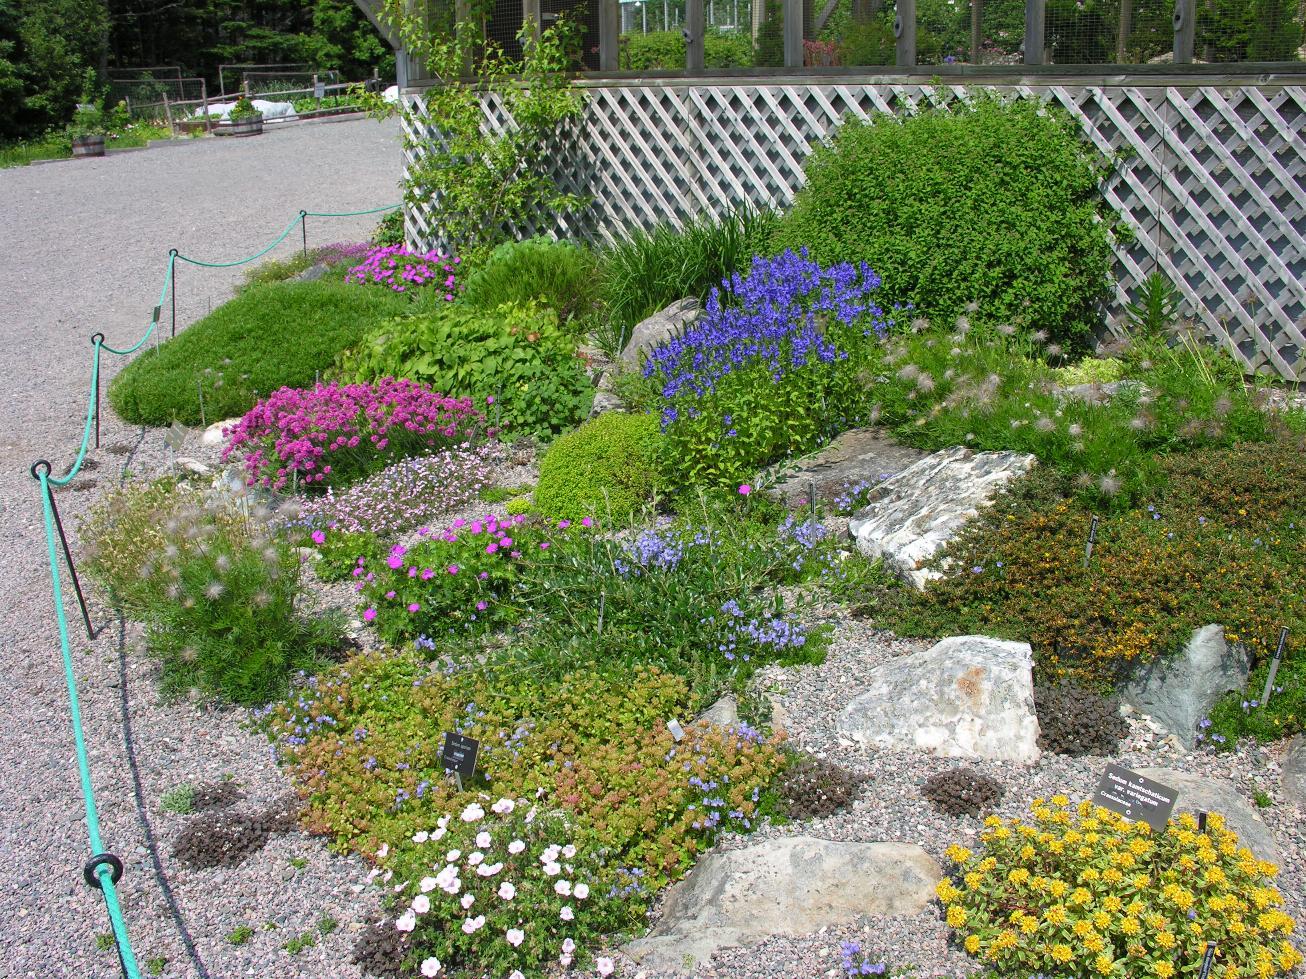 colourful-alpines-adorn-the-botanicalgardens-rock-garden